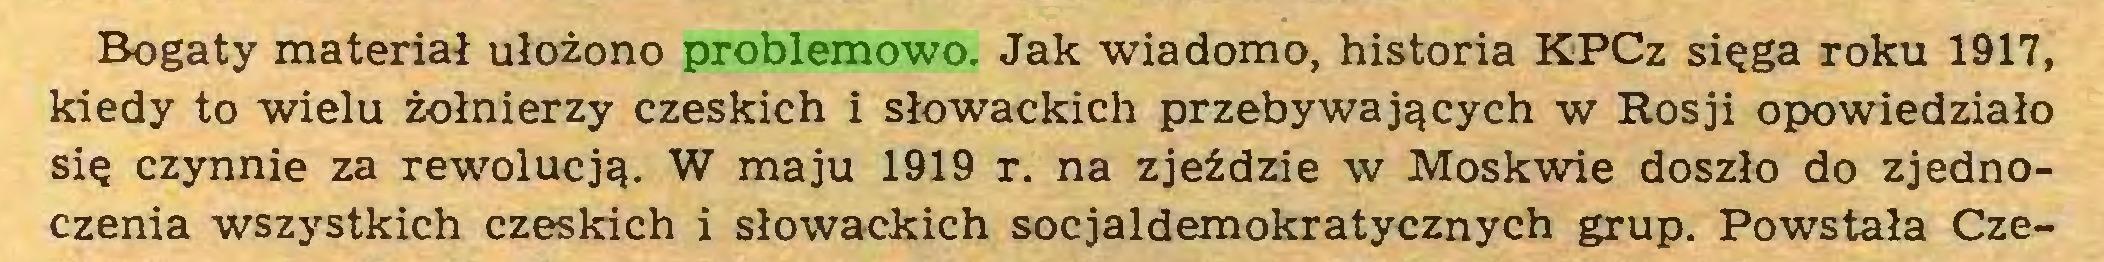 (...) Bogaty materiał ułożono problemowo. Jak wiadomo, historia KPCz sięga roku 1917, kiedy to wielu żołnierzy czeskich i słowackich przebywających w Rosji opowiedziało się czynnie za rewolucją. W maju 1919 r. na zjeździe w Moskwie doszło do zjednoczenia wszystkich czeskich i słowackich socjaldemokratycznych grup. Powstała Cze...